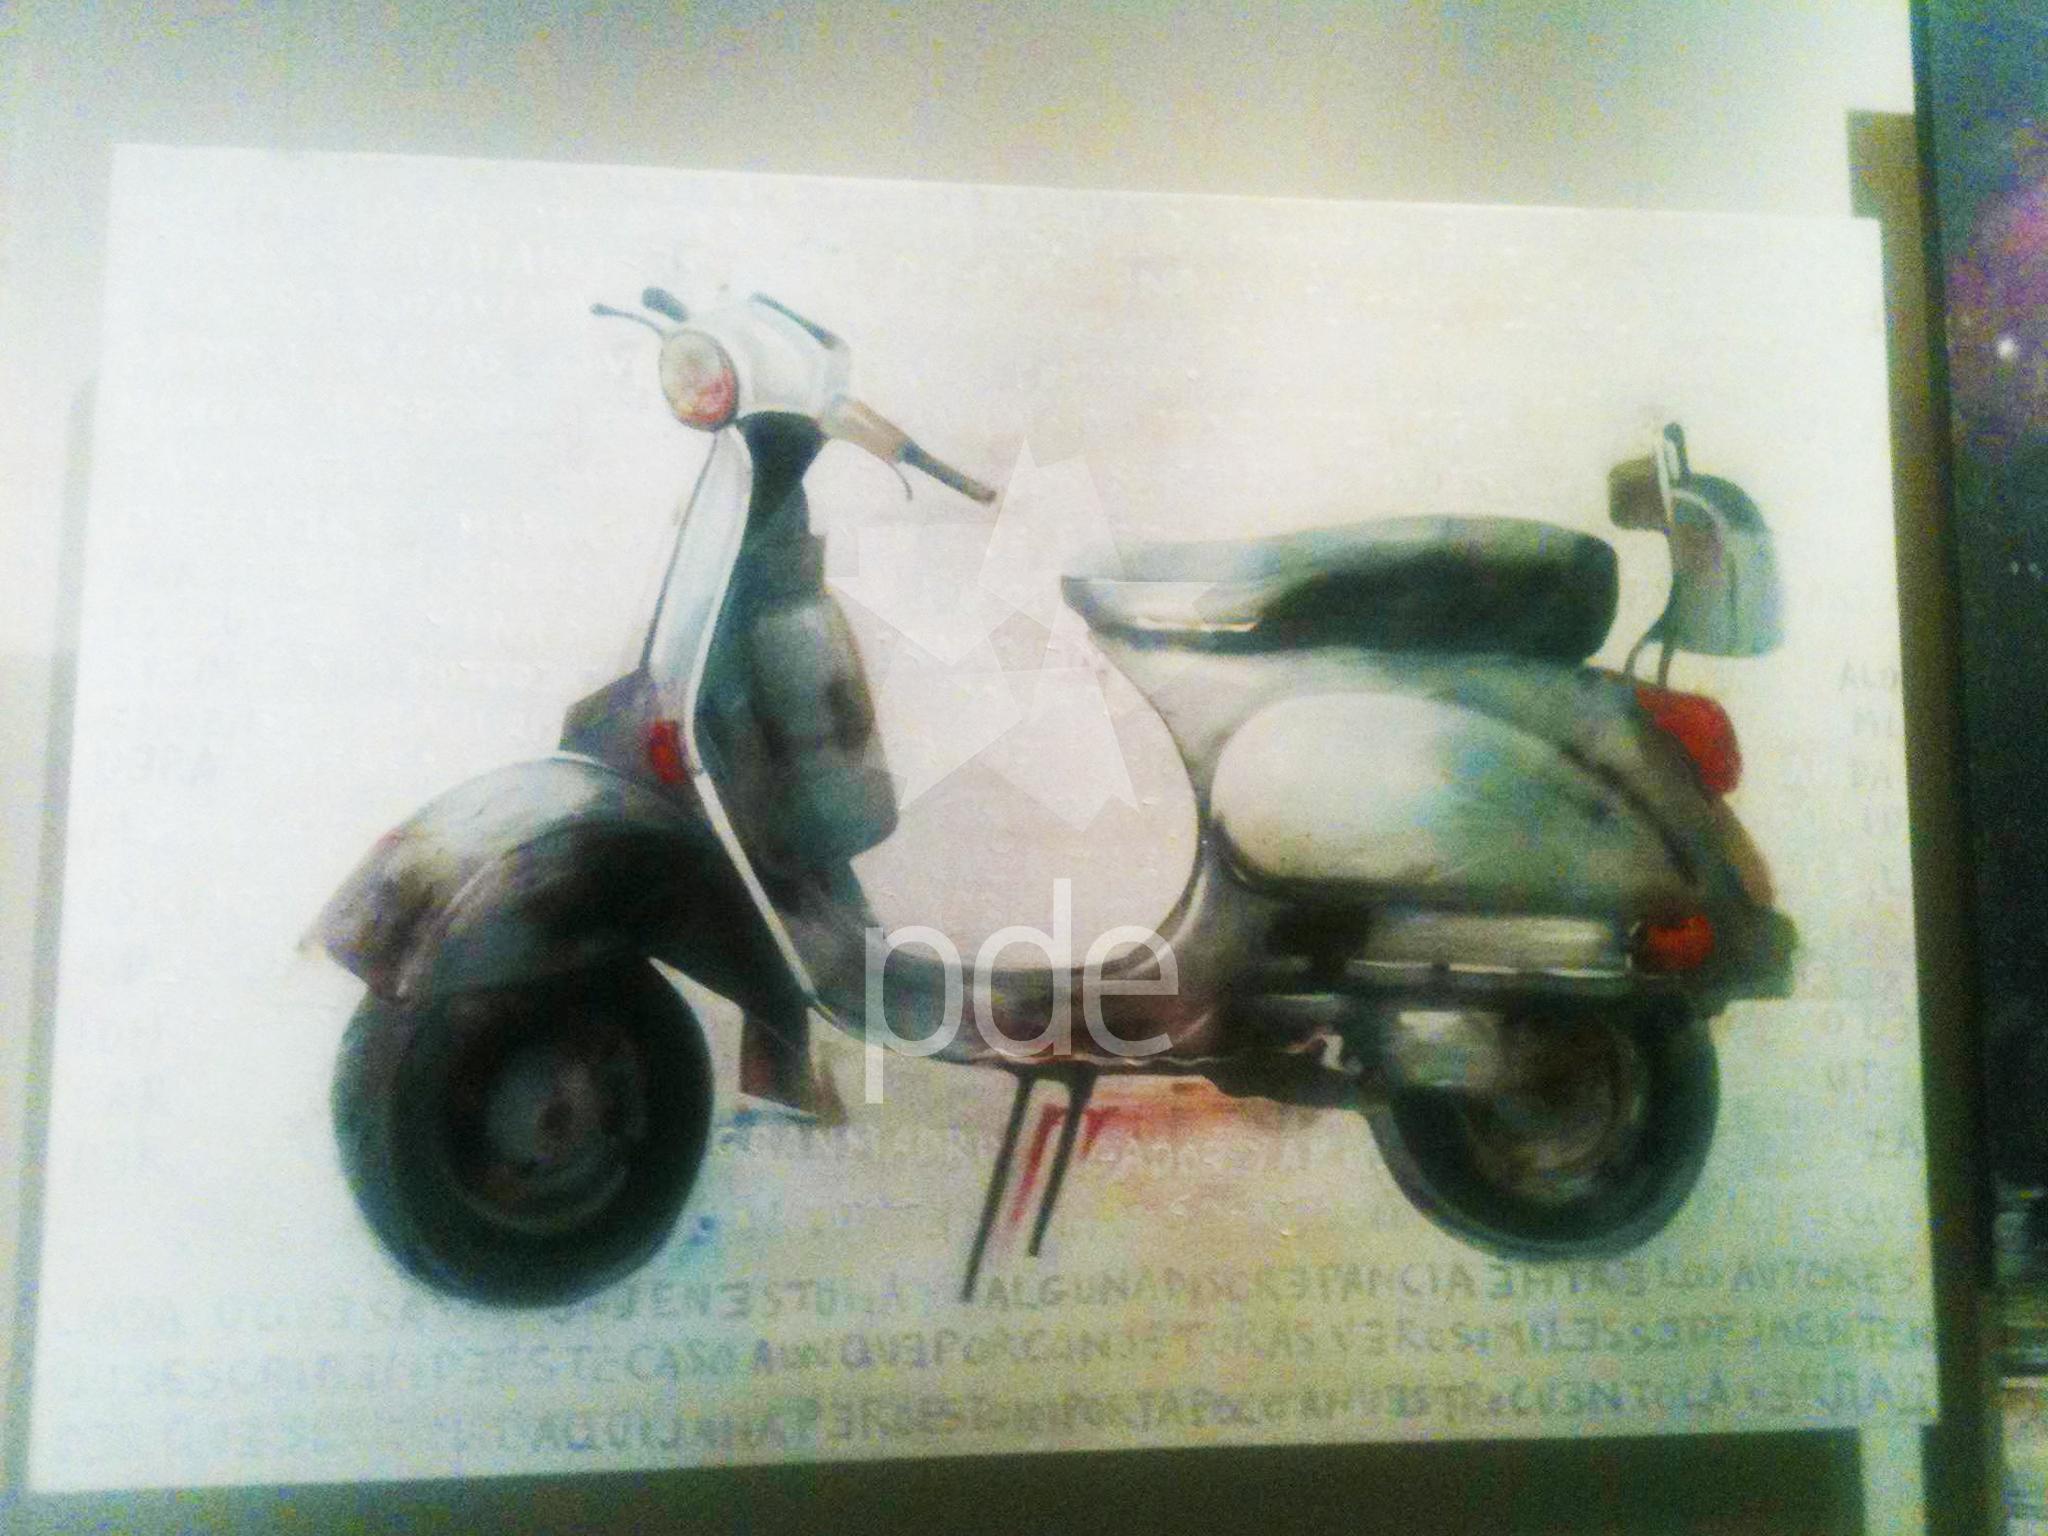 La motoneta modelo vespa, ideadda como una nueva versión del corcel Rocinante